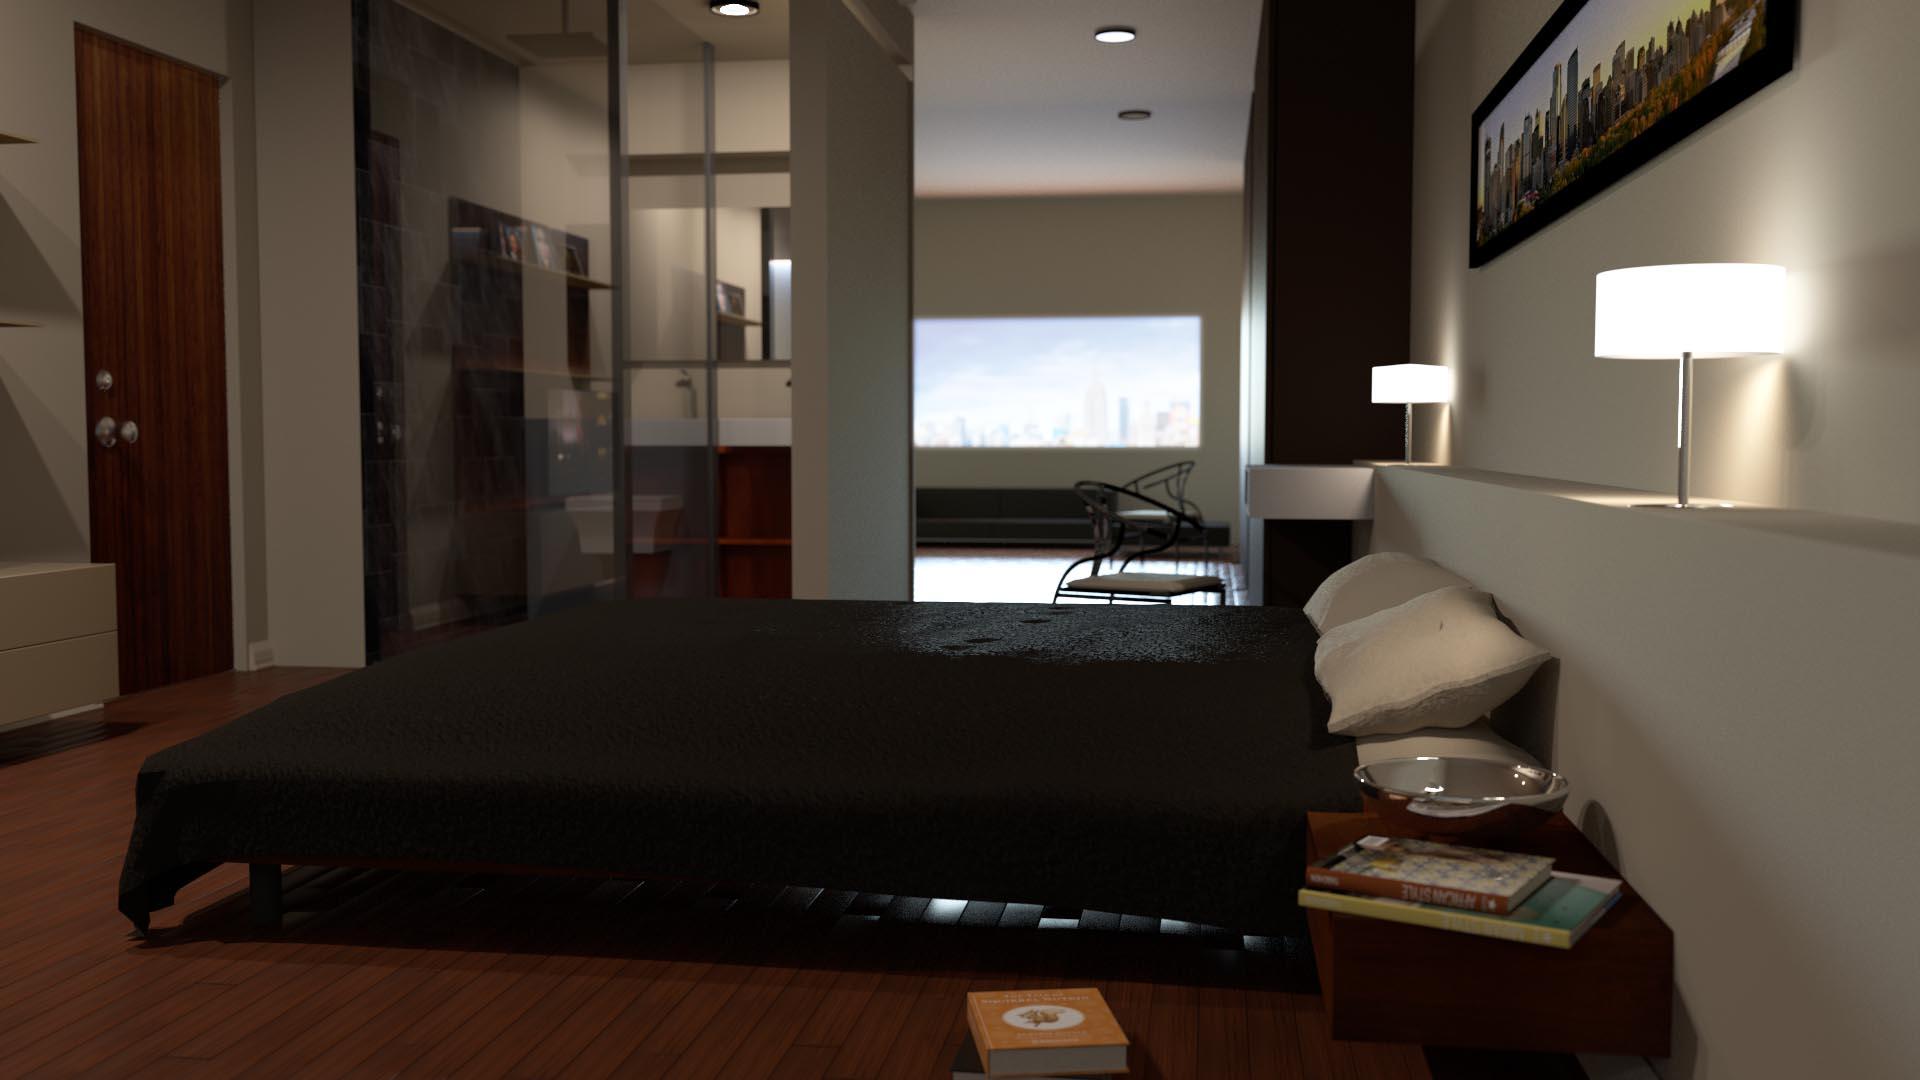 Architectural Render Interior Animation